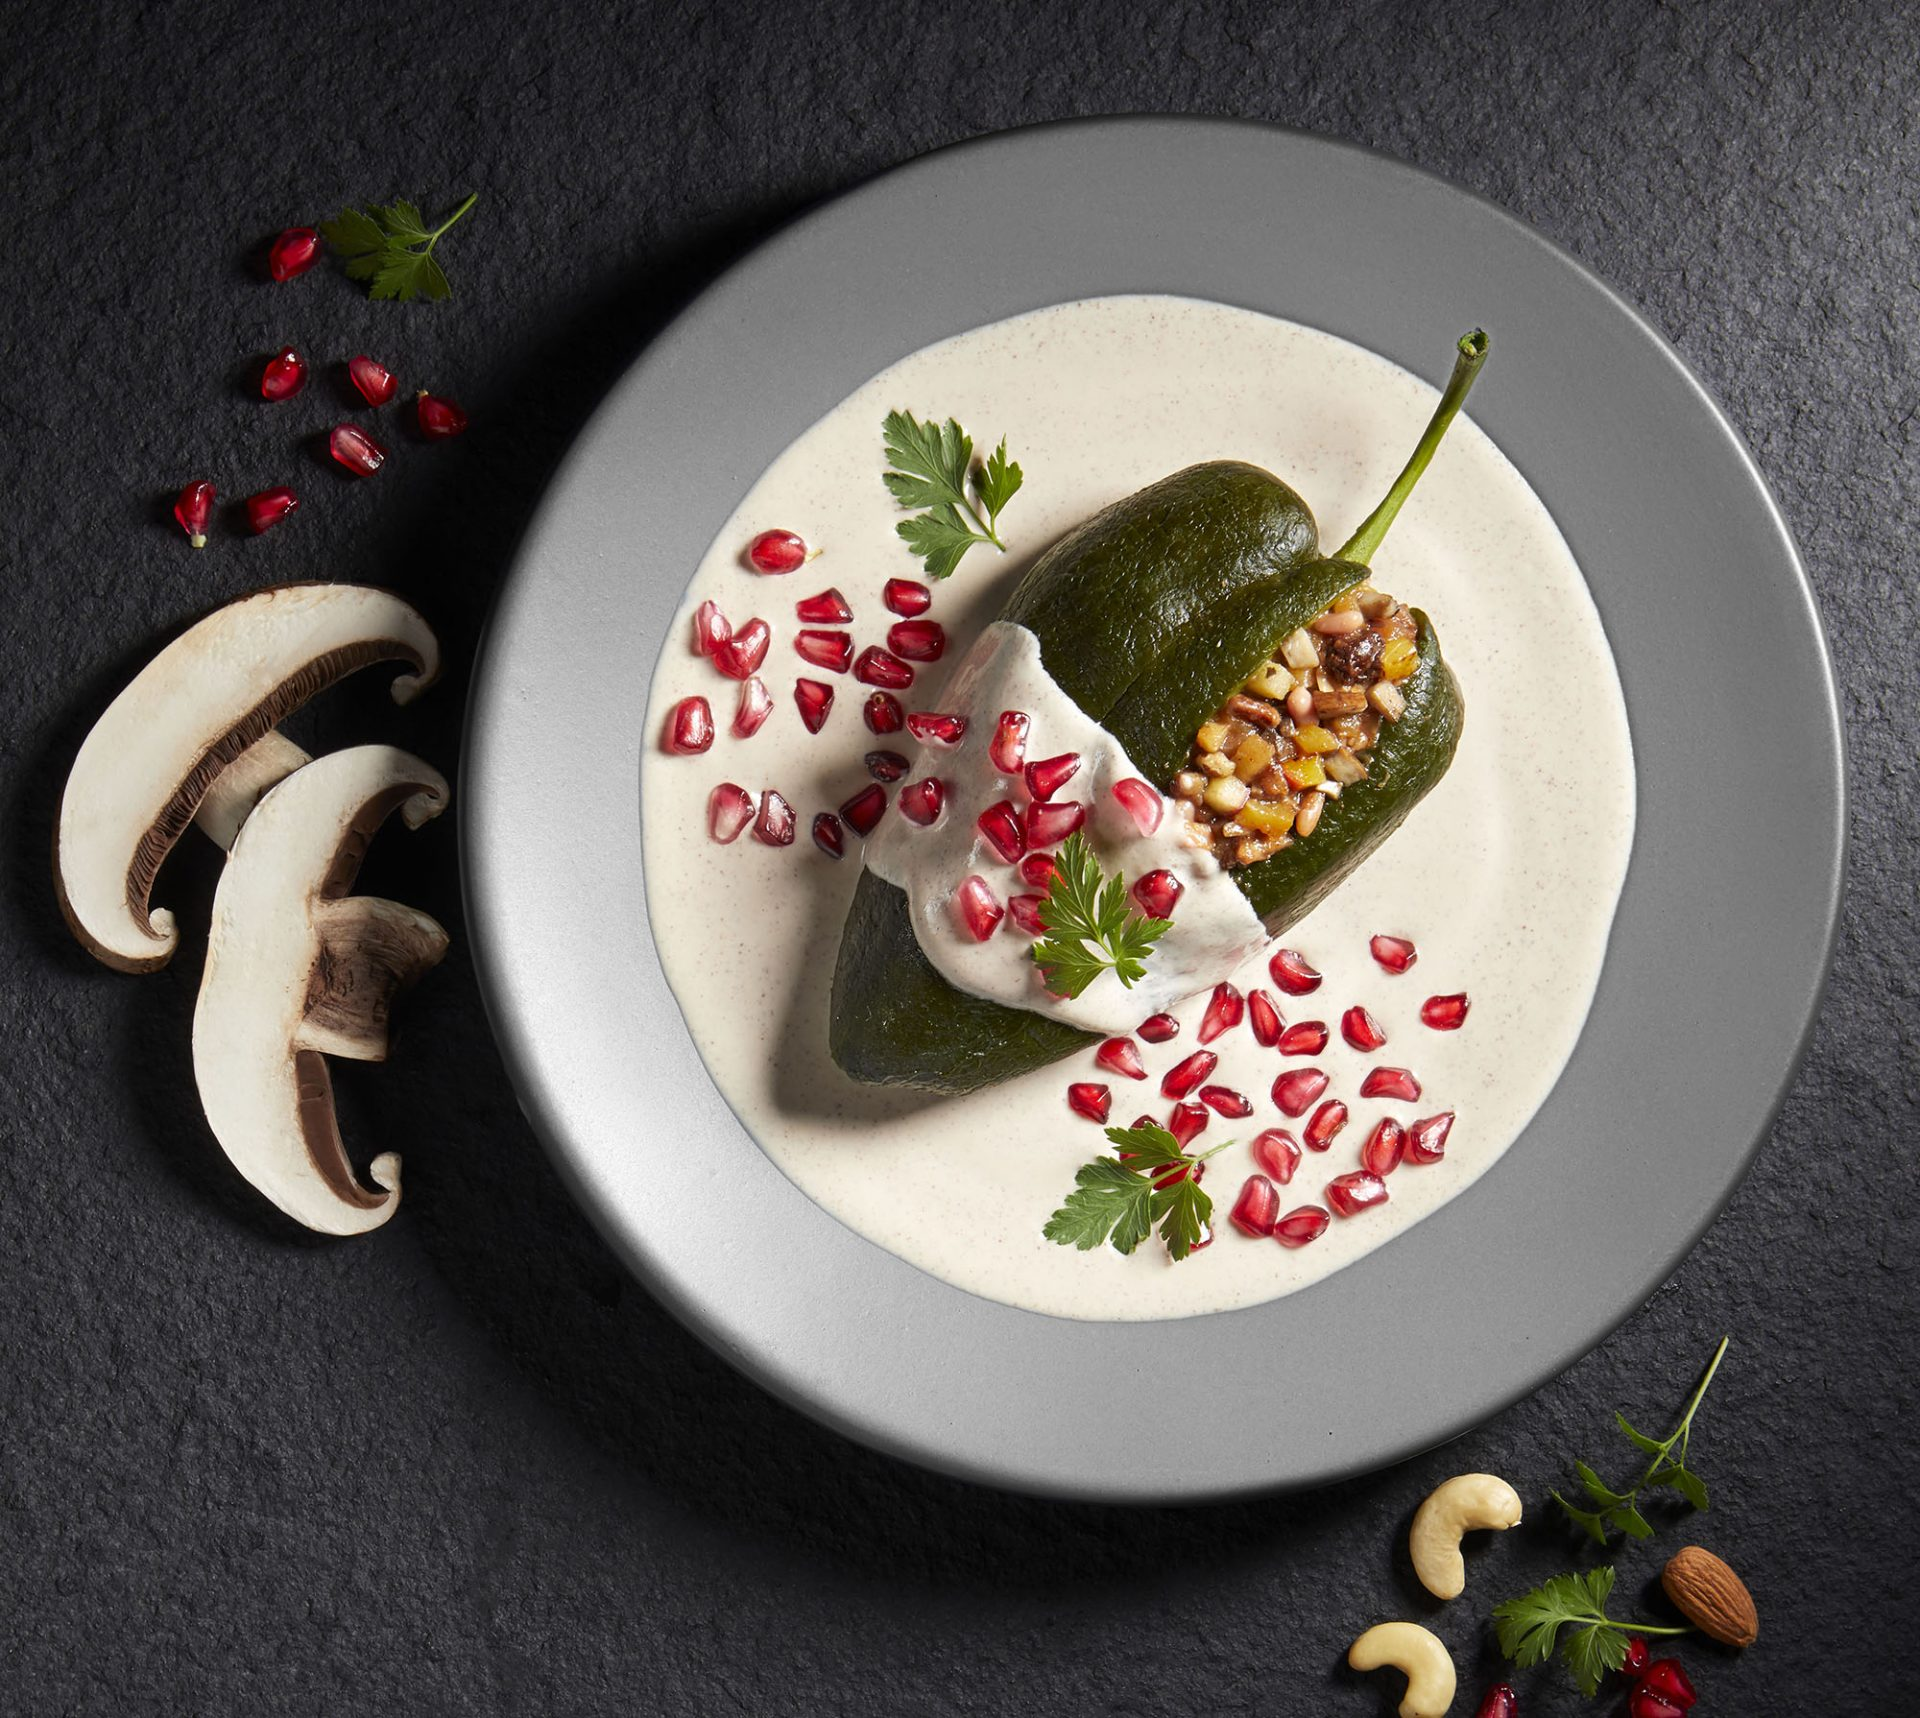 Chile en nogada vegano en Garabatos